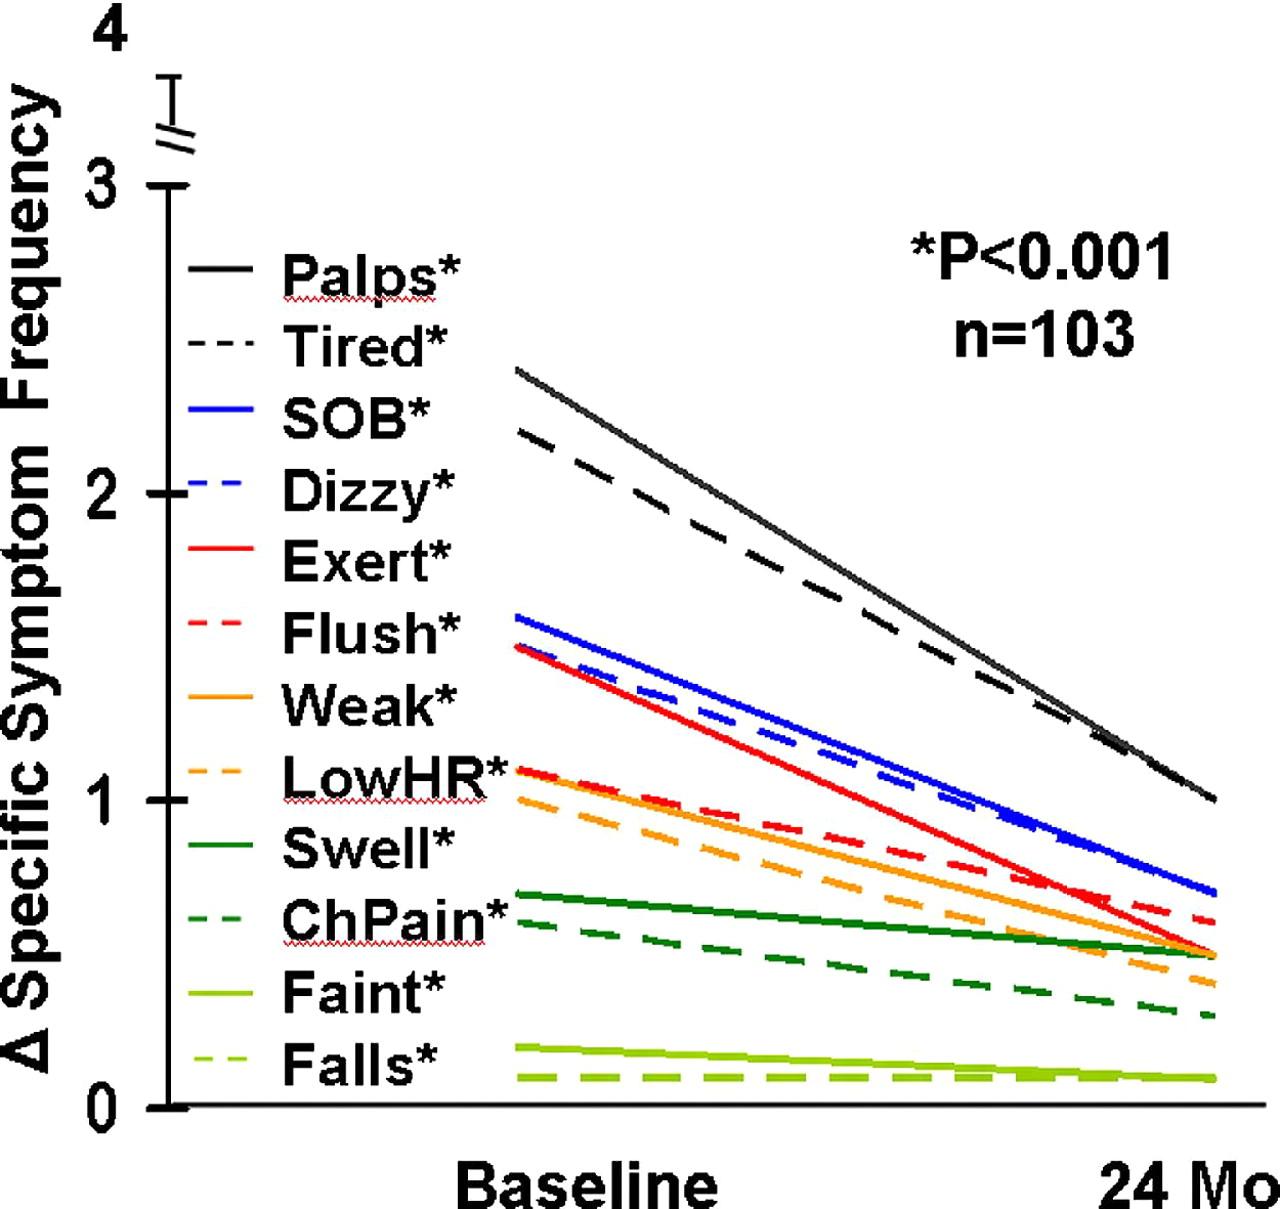 心房細動アブレーションの結果とその後のQOL改善とには関係がある_a0119856_0144041.jpg